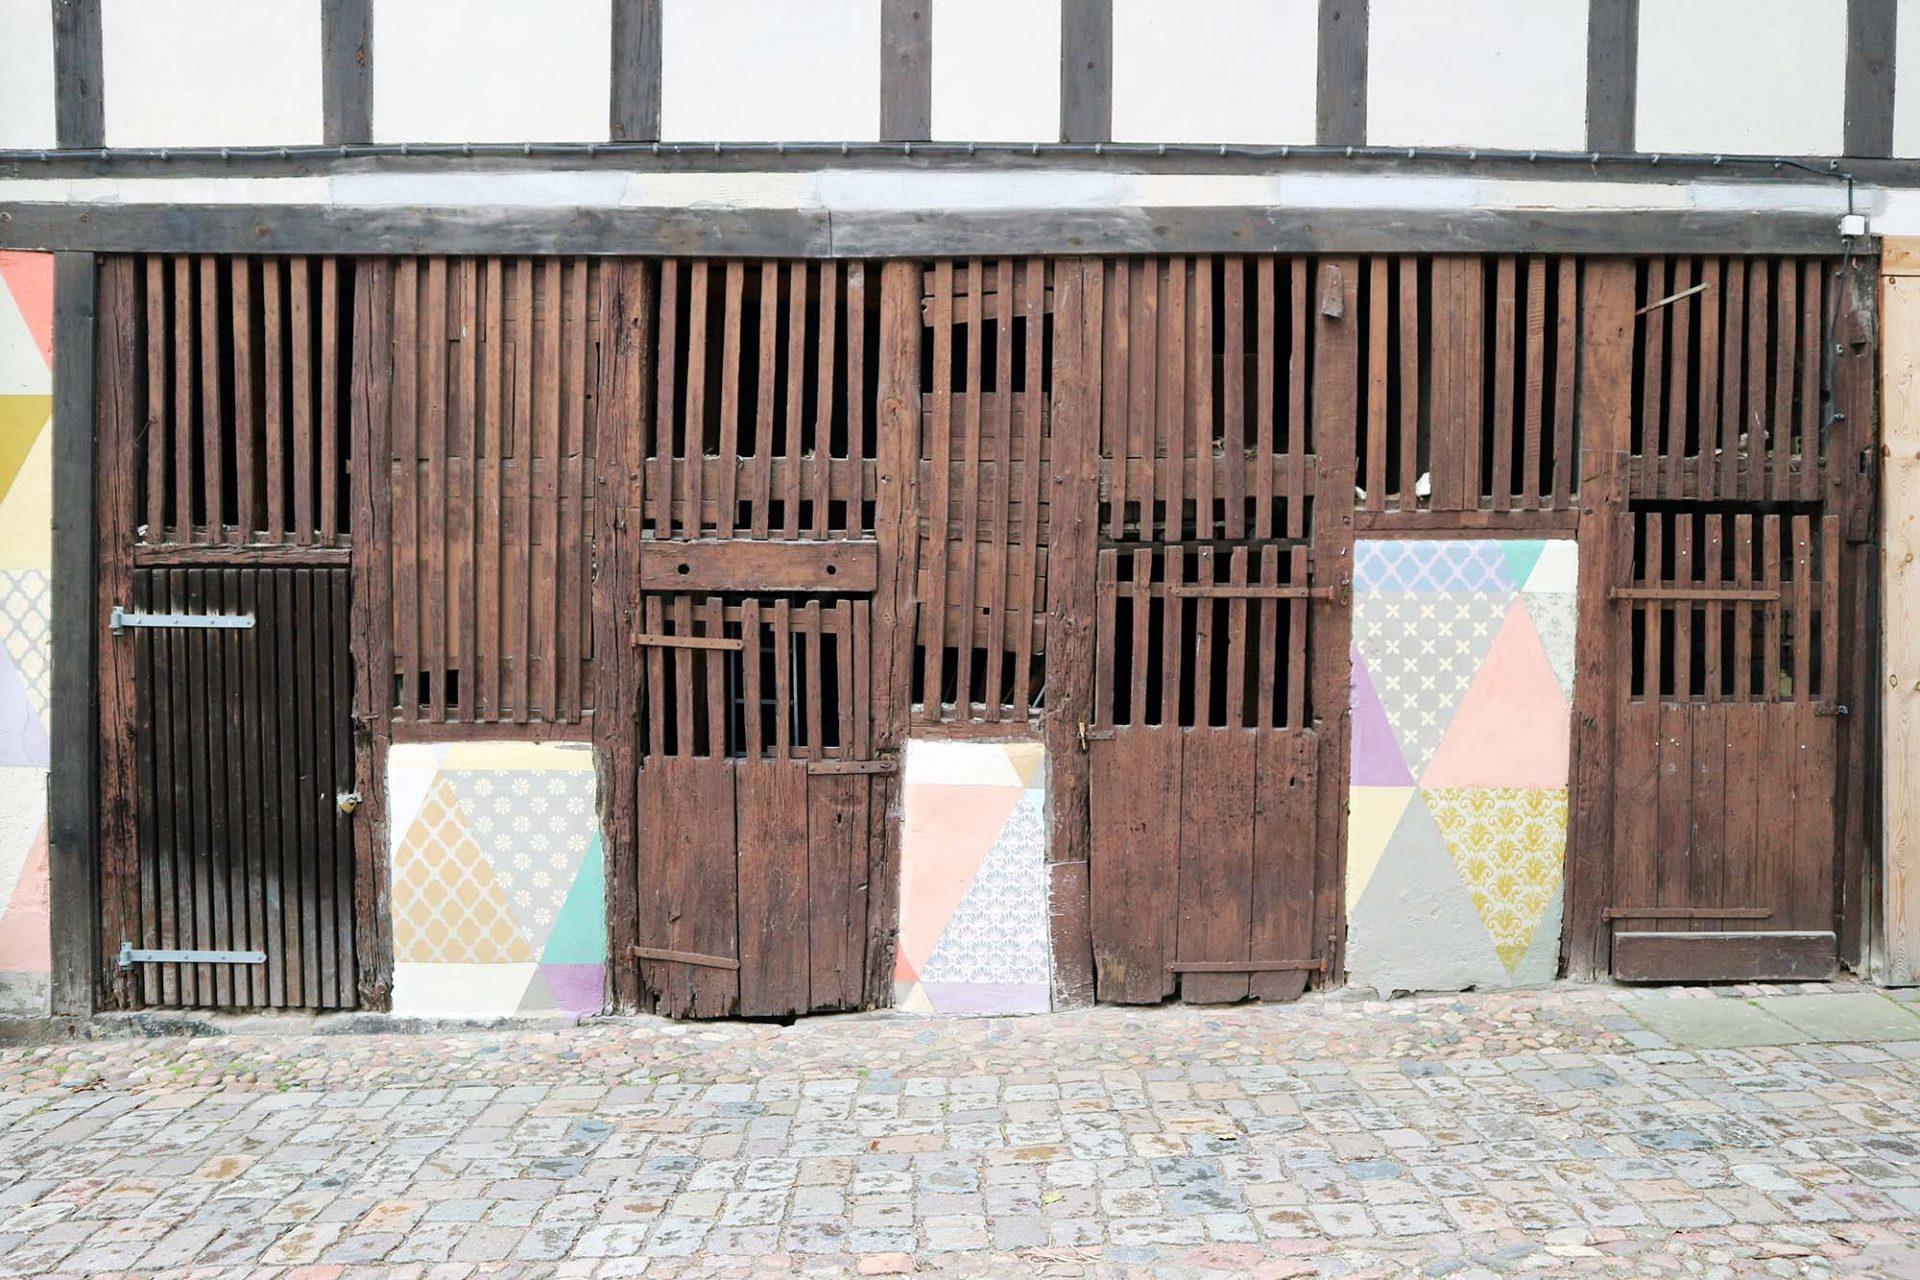 """Cranach-Höfe. """"Wo Häuser verkommen, verkommen auch Menschen."""" 1989 protestierten die Wittenberger Bürger in Lucas Cranachs d. Ä. einstiger Arbeits- und Wirkungsstätte erfolgreich gegen den Verfall der Stadt."""